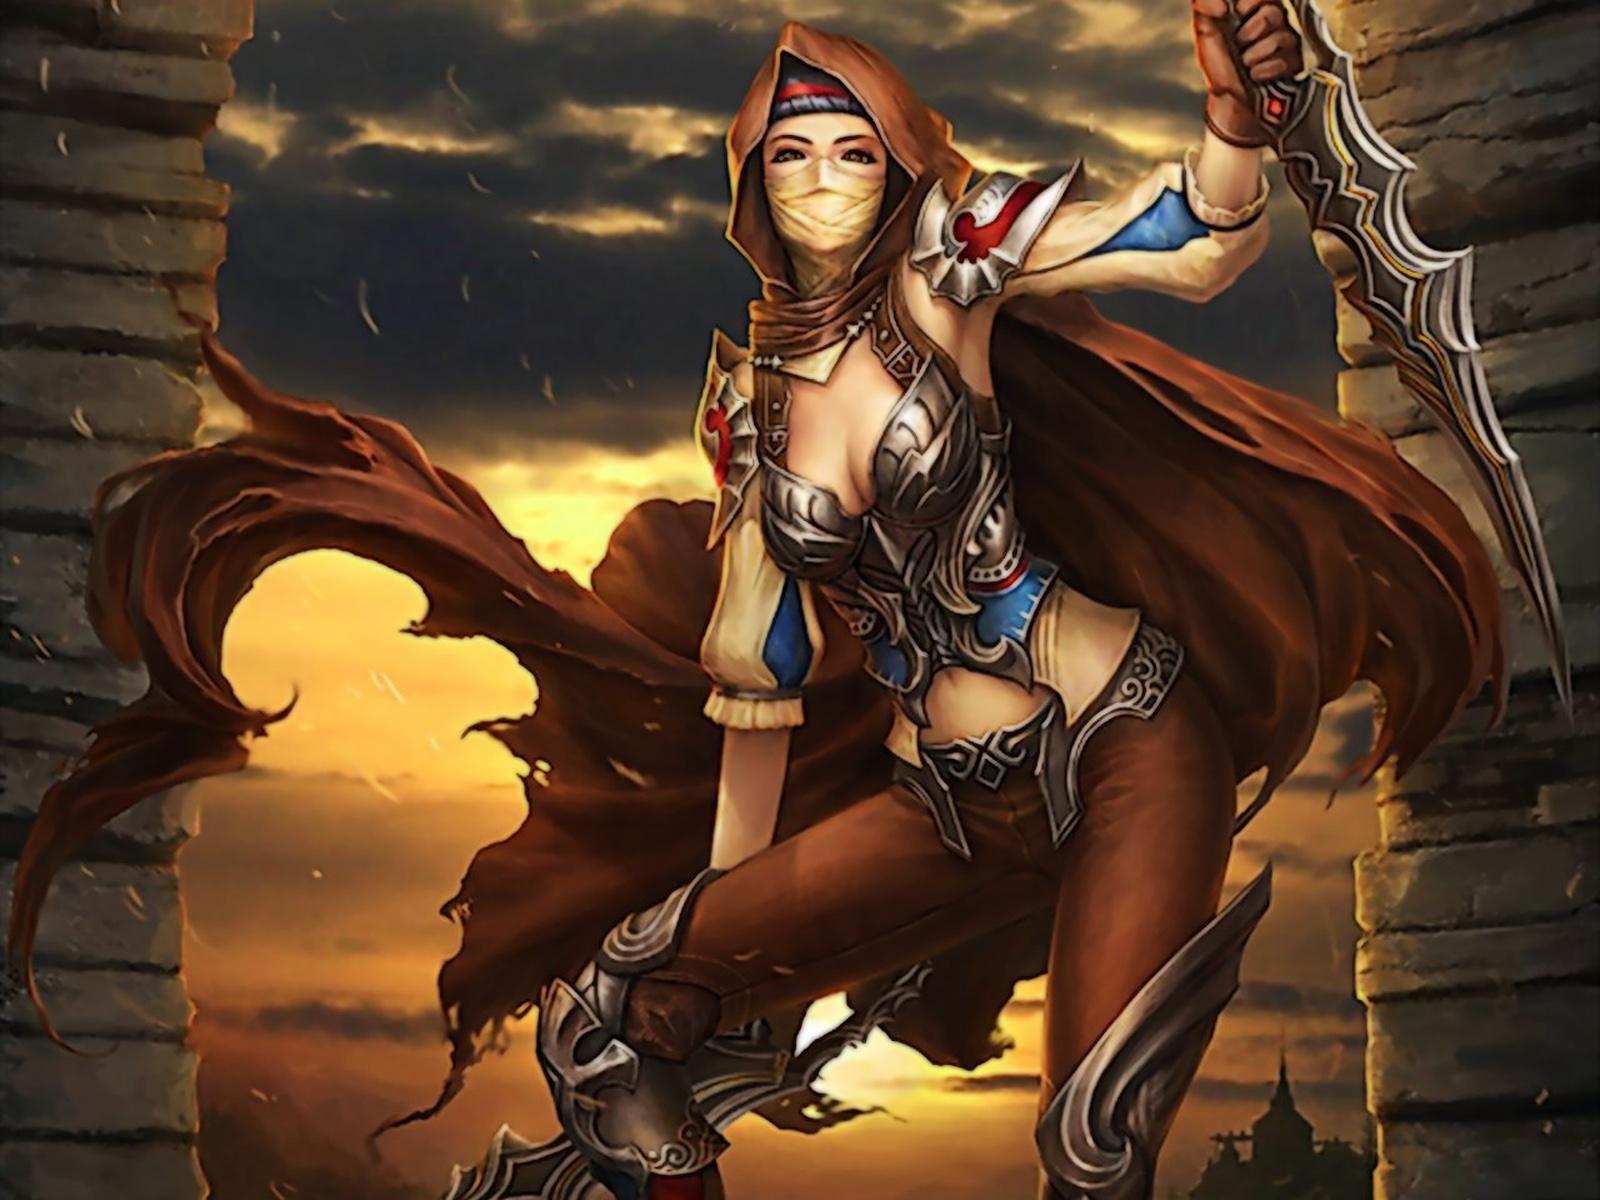 ArtStation - Musketeer, Soo San Lee | Fantasy female